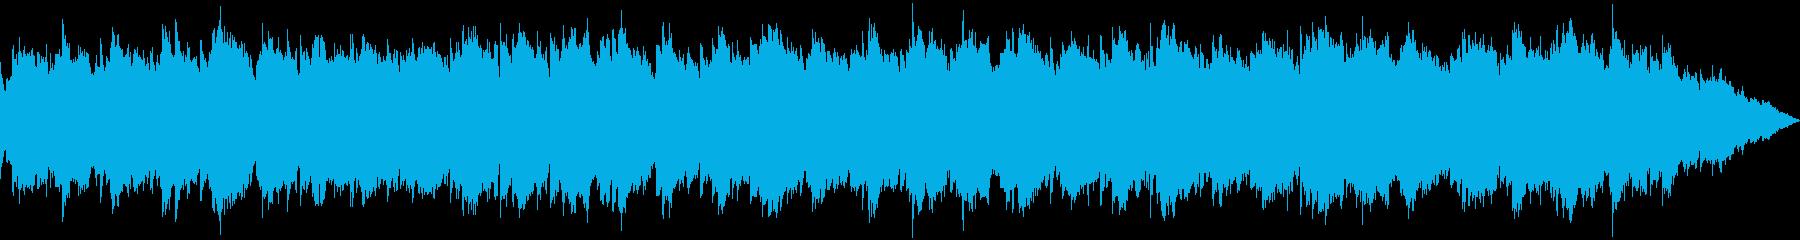 【主張しない背景音楽】ヒーリング5の再生済みの波形